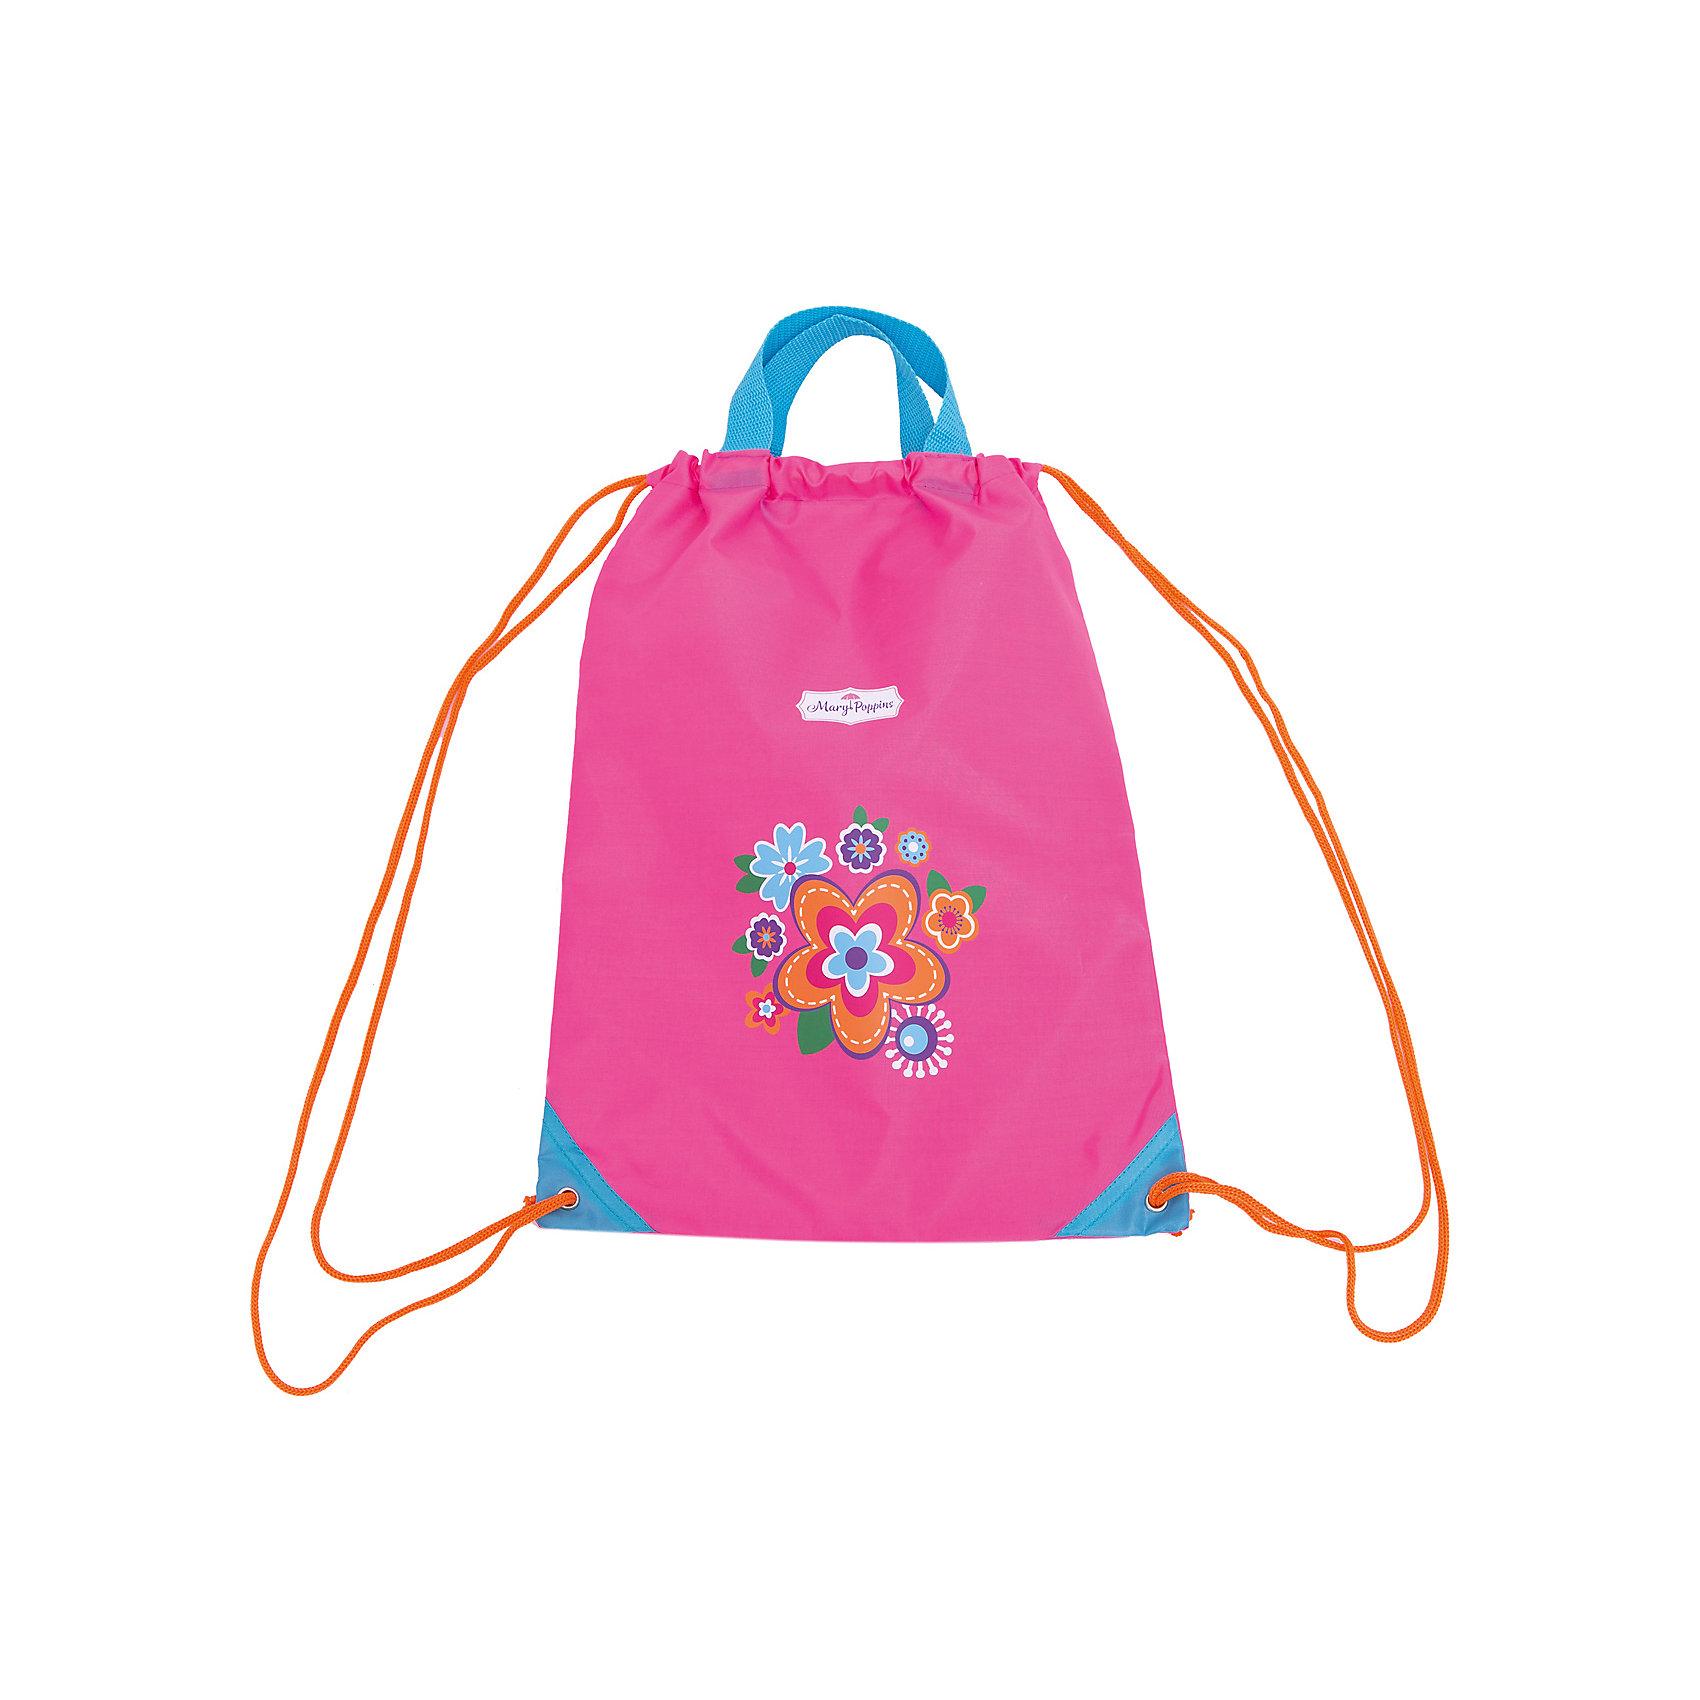 Мешок-рюкзак с ручками Цветы 30*40 см.Отличный мешок-рюкзак с ручками Цветысоздан для девочек возрастом от 3 лет и старше. Рюкзак выполнен из плотной ткани розового цвета, украшенной изображениями красивых цветочков. К примеру, в данный рюкзачок девочка может сложить свои игрушки и взять их с собой в детский сад. Яркий цвет мешка-рюкзака обязательно привлечет внимание к его юной обладательнице.<br><br>Ширина мм: 300<br>Глубина мм: 400<br>Высота мм: 100<br>Вес г: 78<br>Возраст от месяцев: 72<br>Возраст до месяцев: 2147483647<br>Пол: Женский<br>Возраст: Детский<br>SKU: 5508534